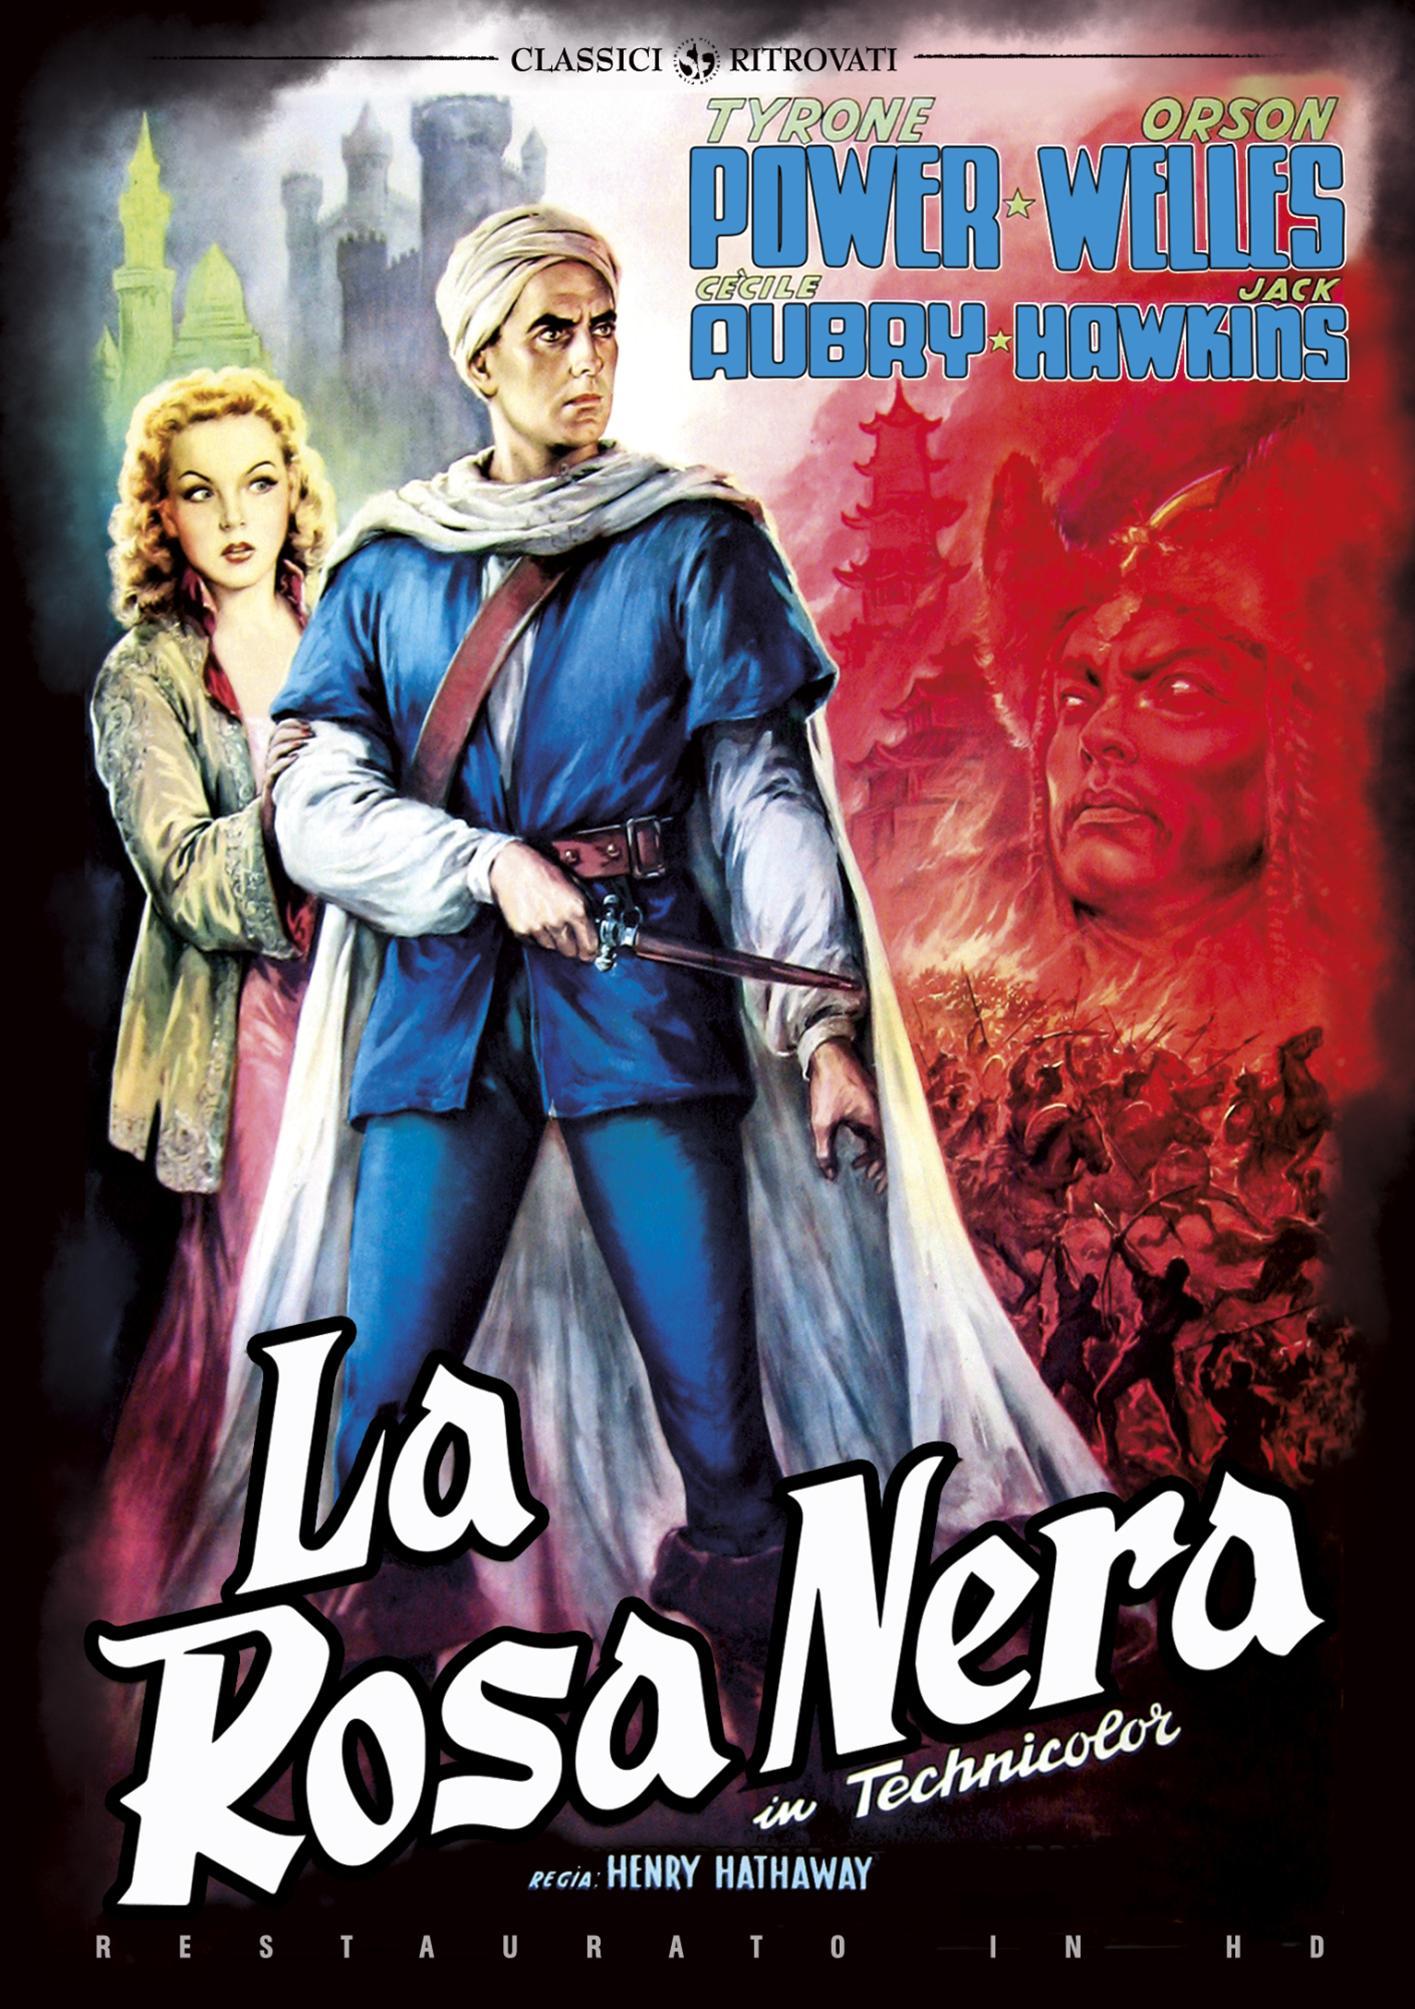 LA ROSA NERA (RESTAURATO IN HD) (DVD)